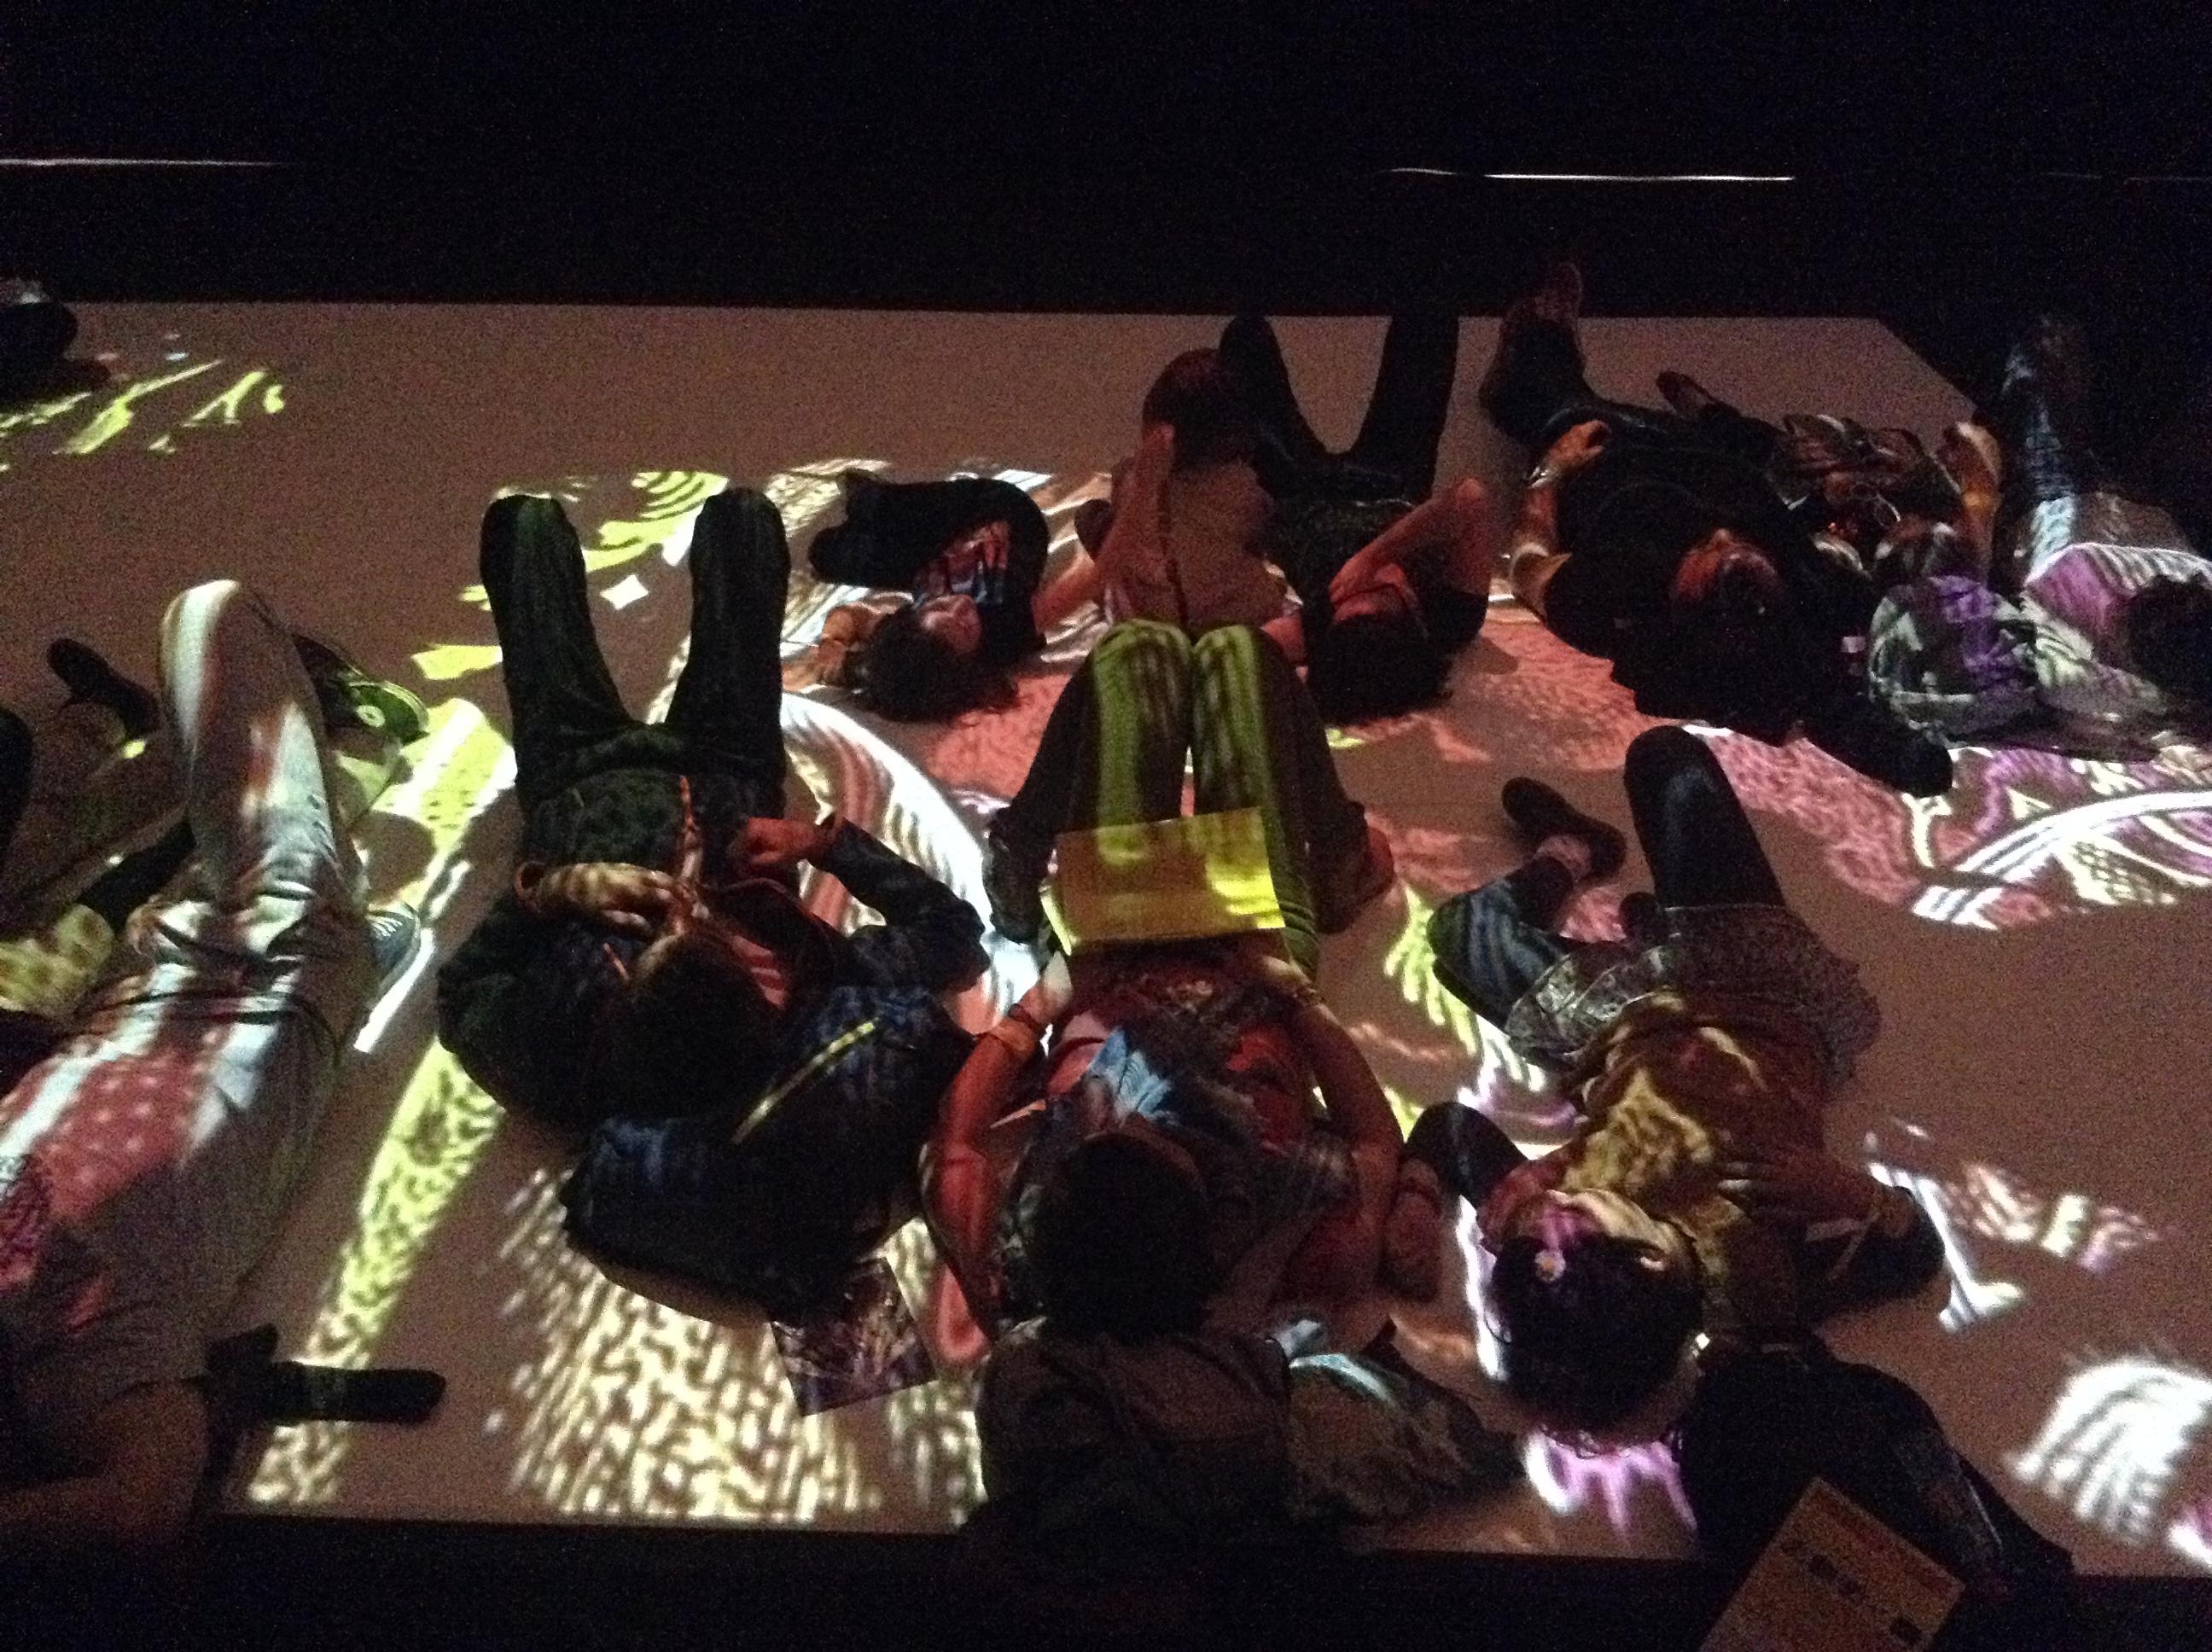 Le public est au centre de l'espace de projection...